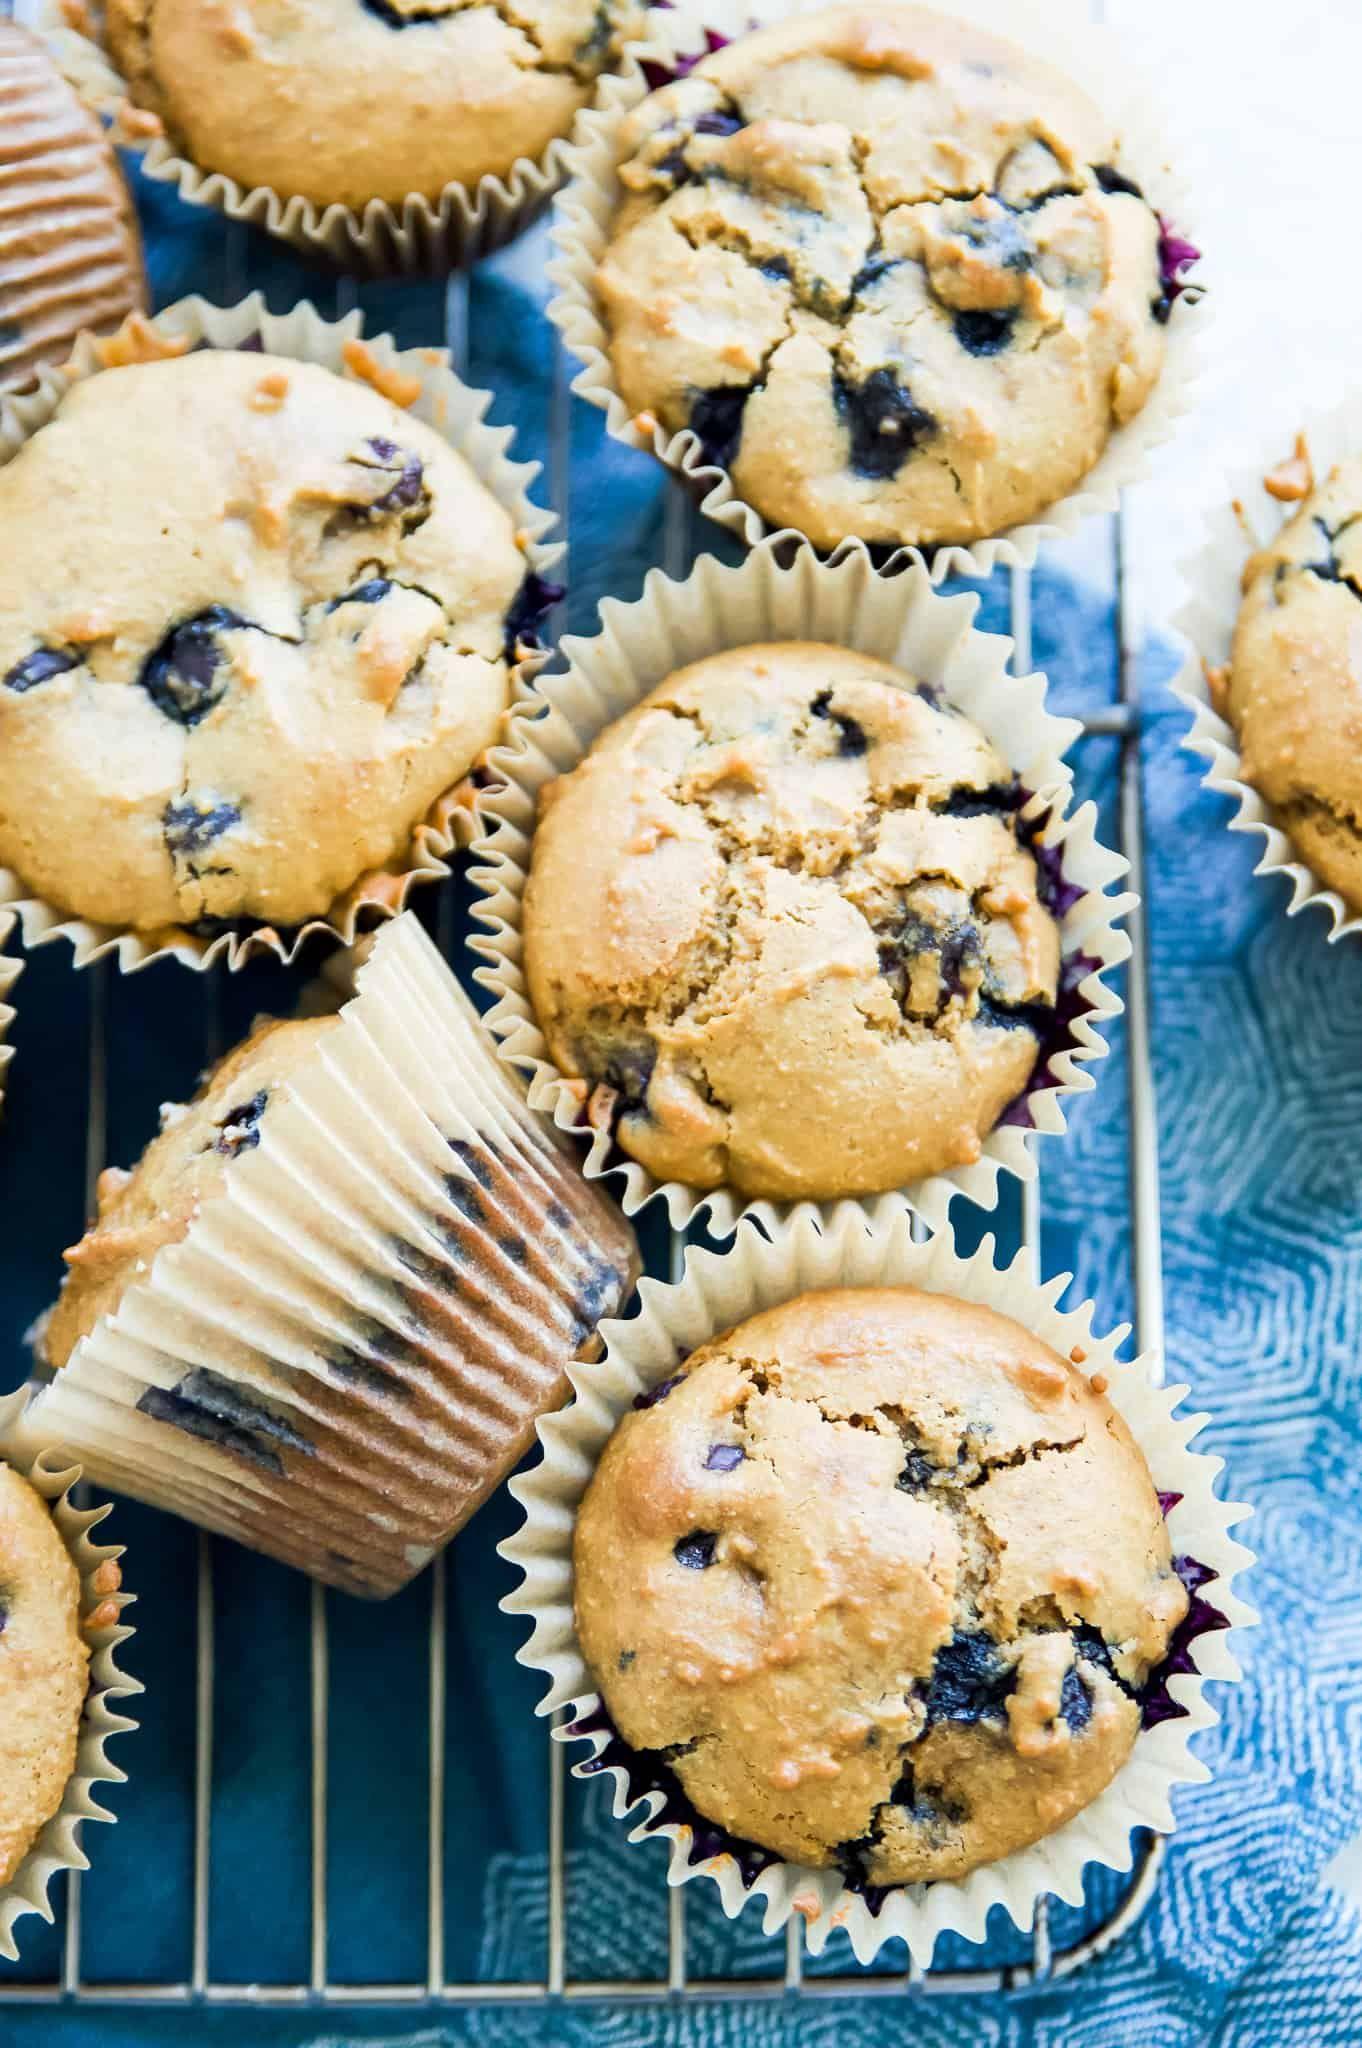 Gluten Free Blueberry Muffins Paleo Dairy Free Grain Free